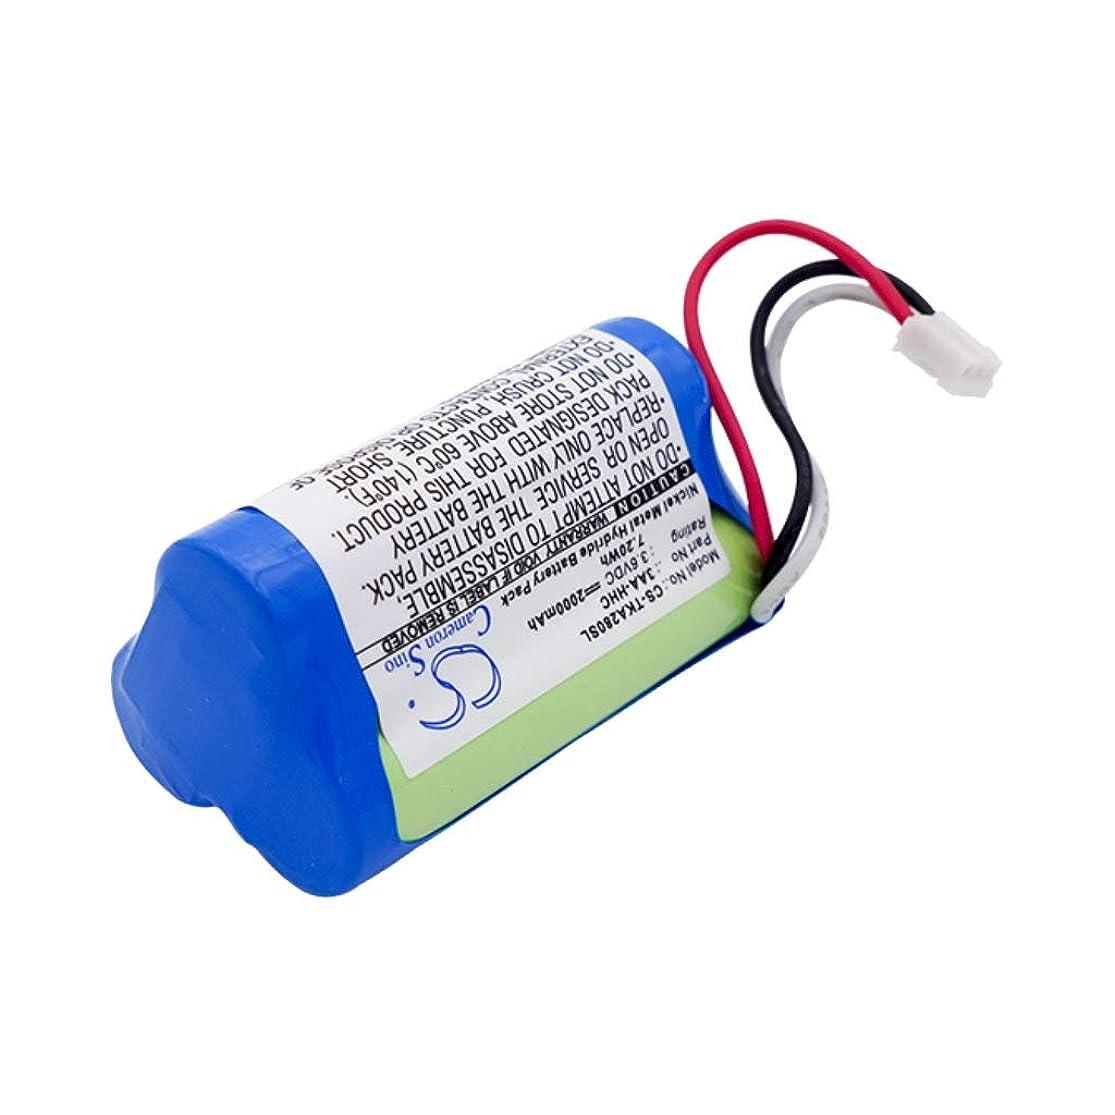 線形三十電報TDK TREK Flex A28 MBT2E8 の 3AA-HHC YU10230-14001 AA2000 交換 バッテリー Bluetoothスピーカー 【ロワジャパン】